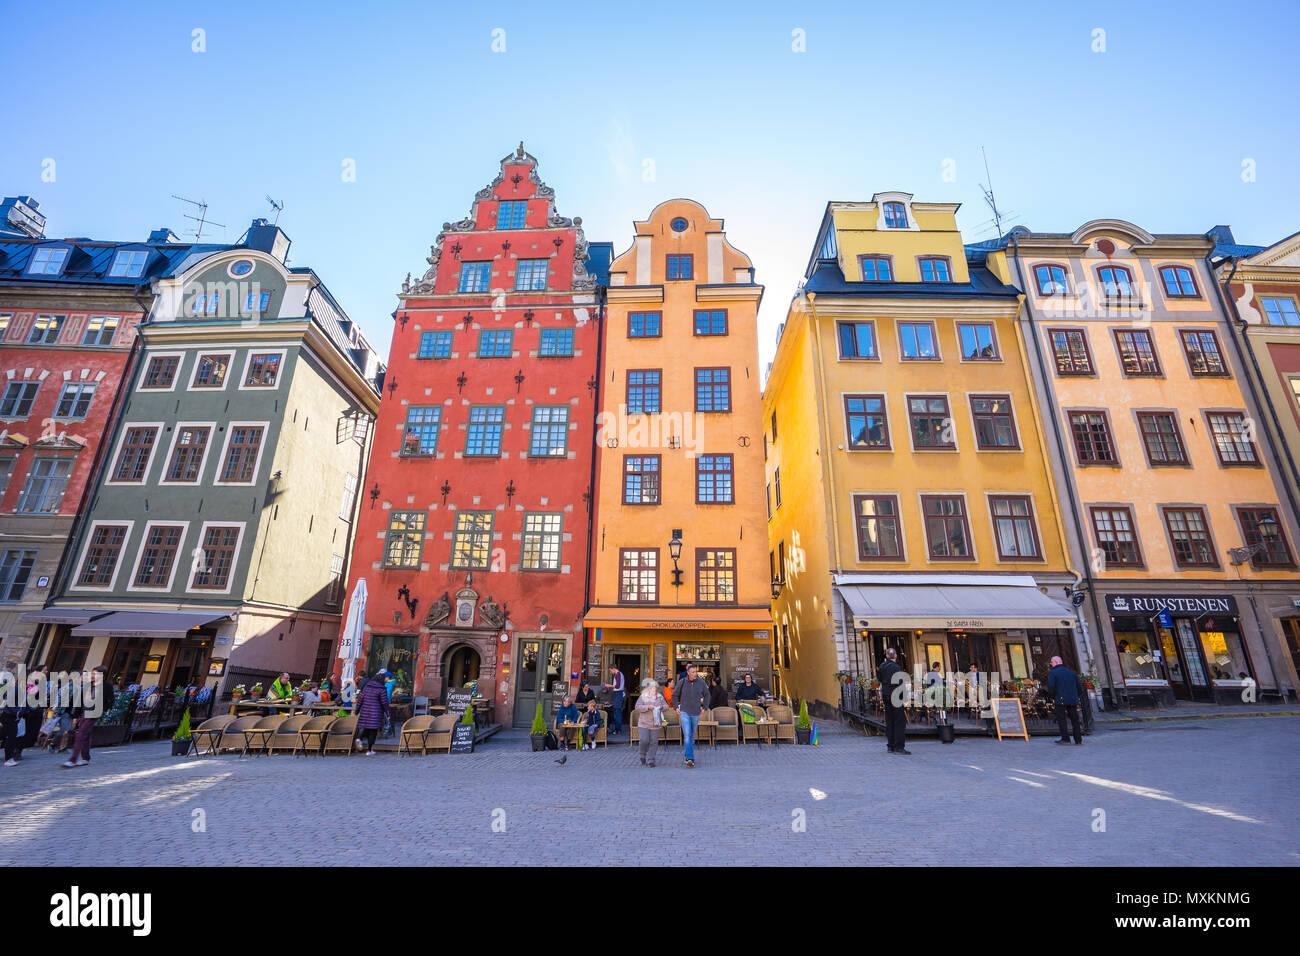 Stoccolma, Svezia - 4 Maggio 2017: Gamla Stan città vecchia nella città di Stoccolma, Svezia. Immagini Stock